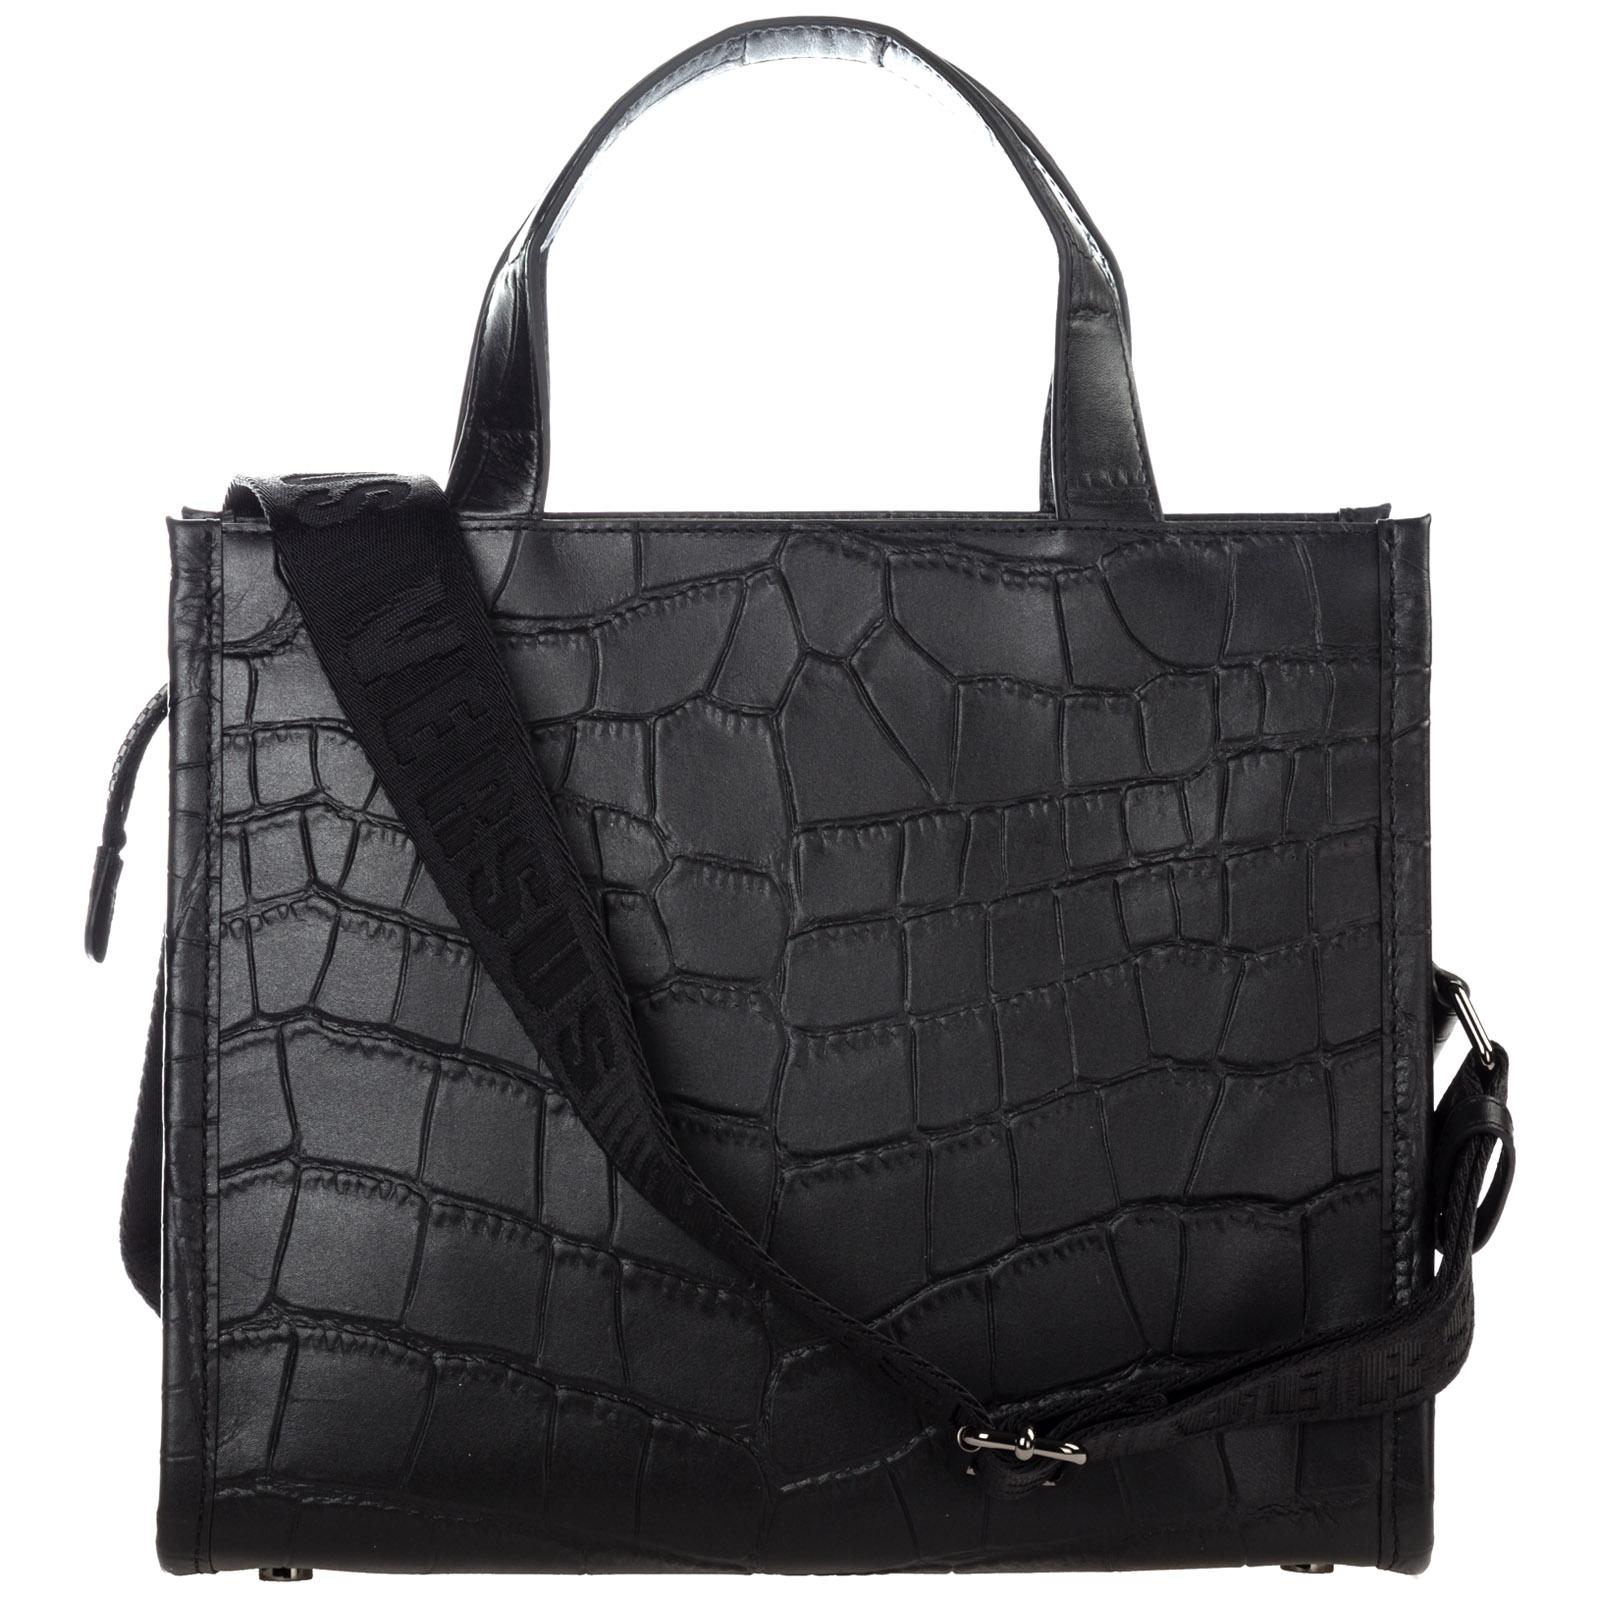 Women's handbag cross-body messenger bag purse  lion head